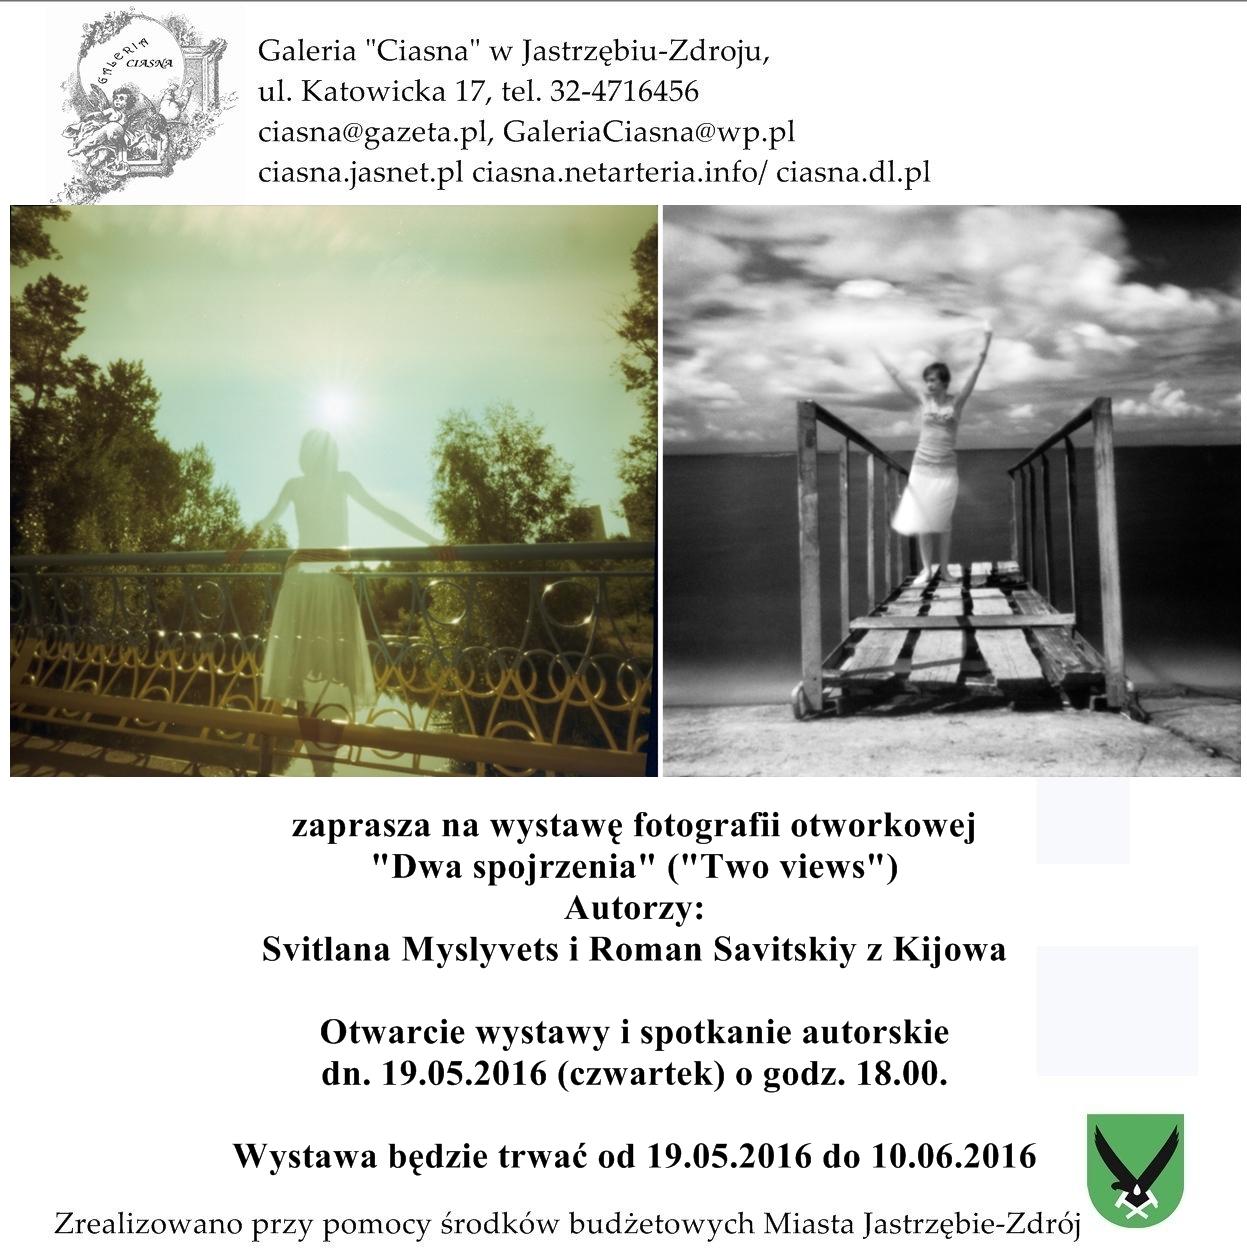 Fotografie otworkowe ukraińskich twórców w Galerii Ciasna, materiały prasowe Galeria Ciasna